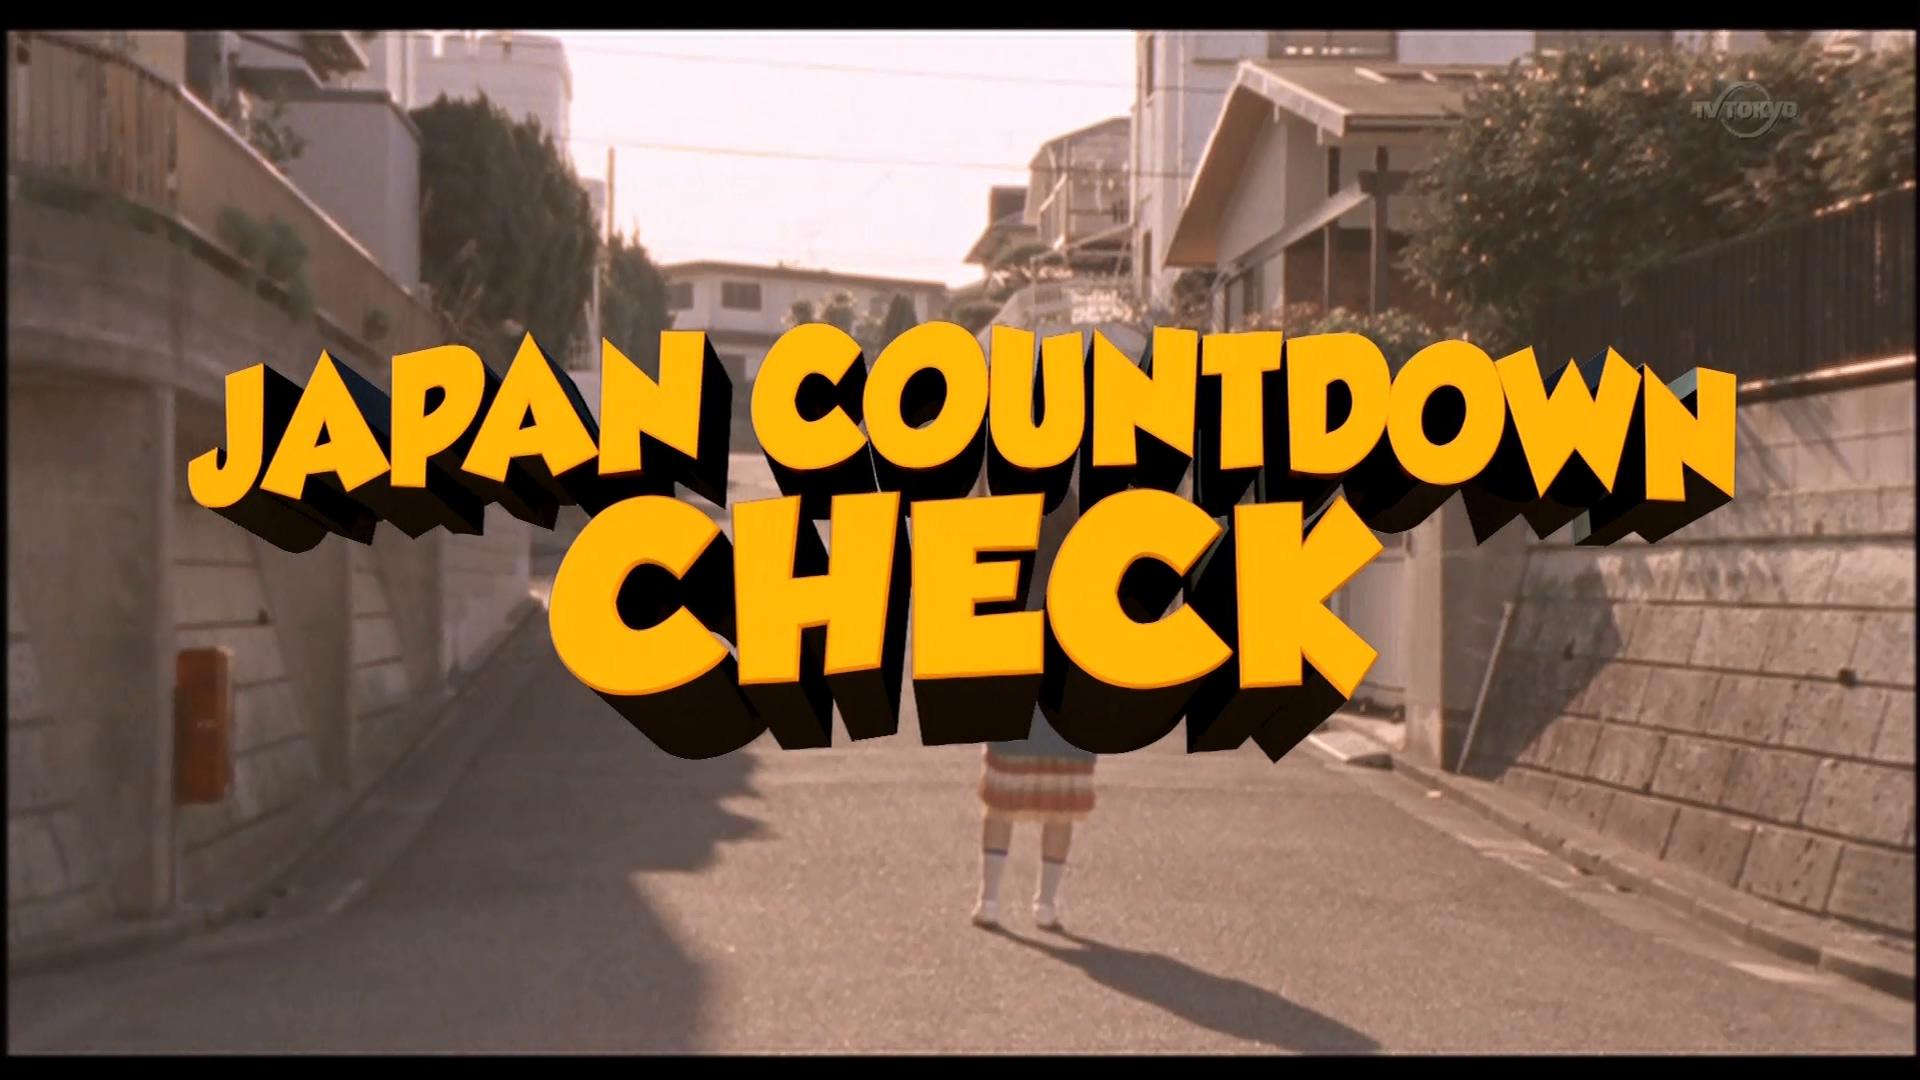 2016.03.20 いきものがかり - 10年たっても私たちはいきものがかりが大好き!日本のスタンダードであり続ける理由(JAPAN COUNTDOWN).ts_20160320_103657.334